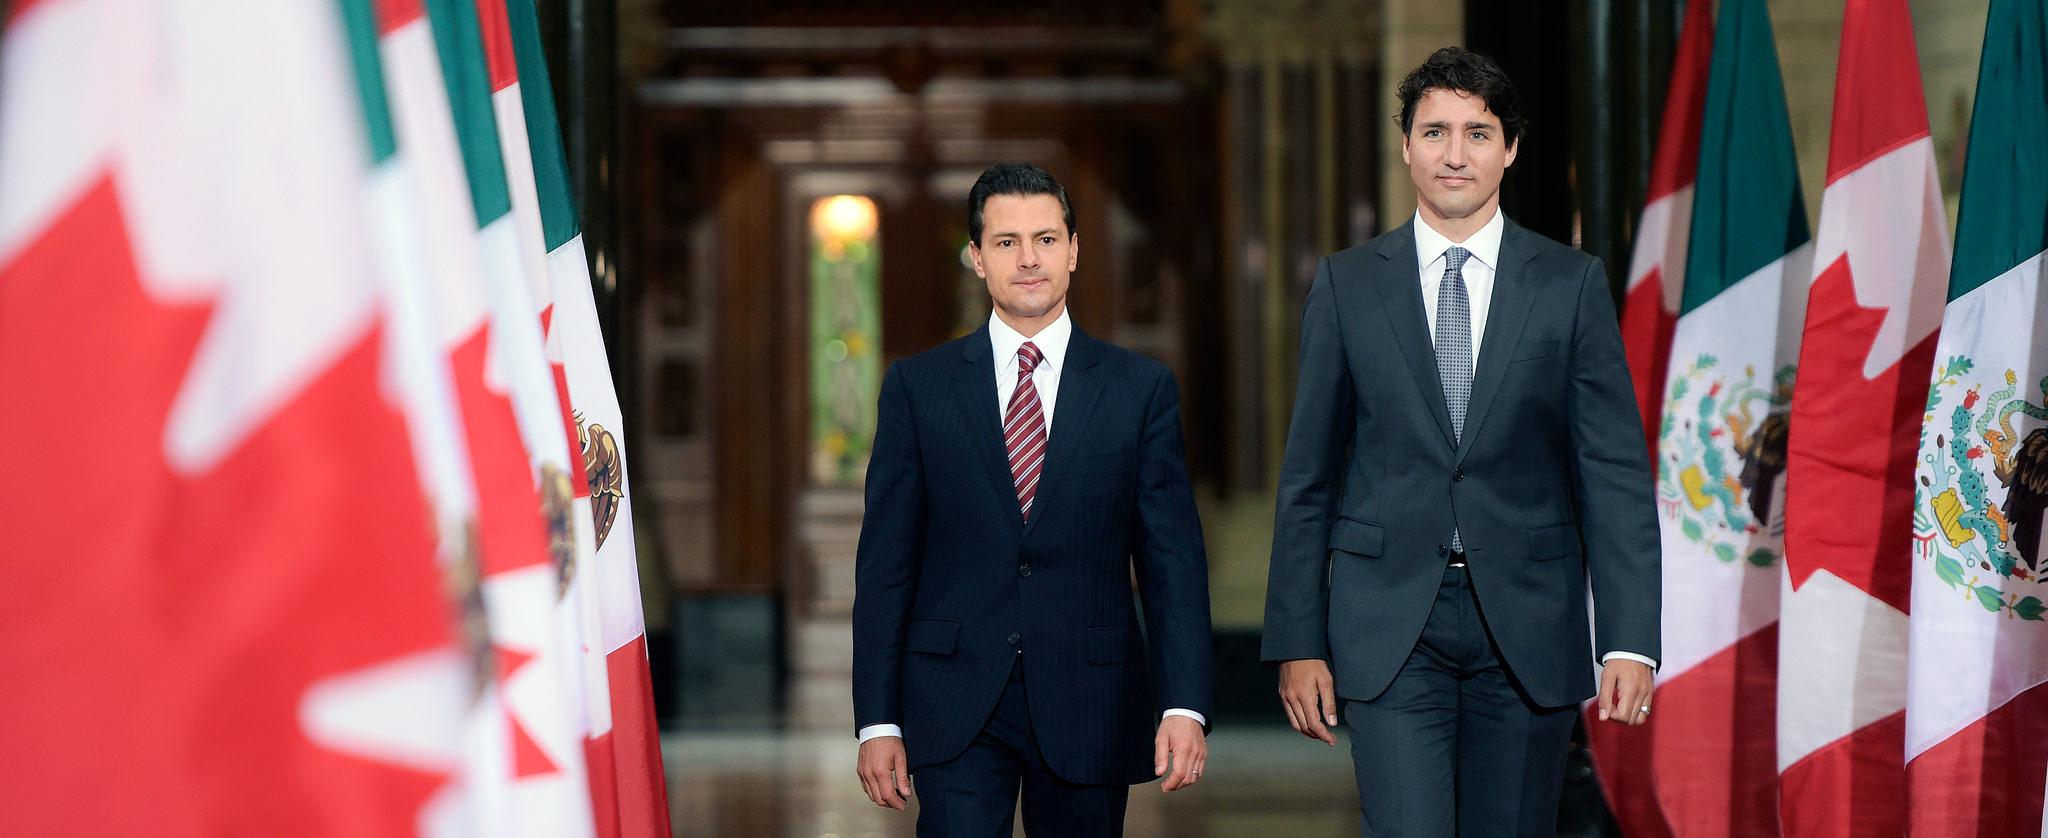 """""""Estoy seguro de que el diálogo continuo con el Primer Ministro Trudeau mejorará sin duda nuestra colaboración con el Gobierno canadiense para avanzar en nuestros objetivos compartidos"""": EPN"""